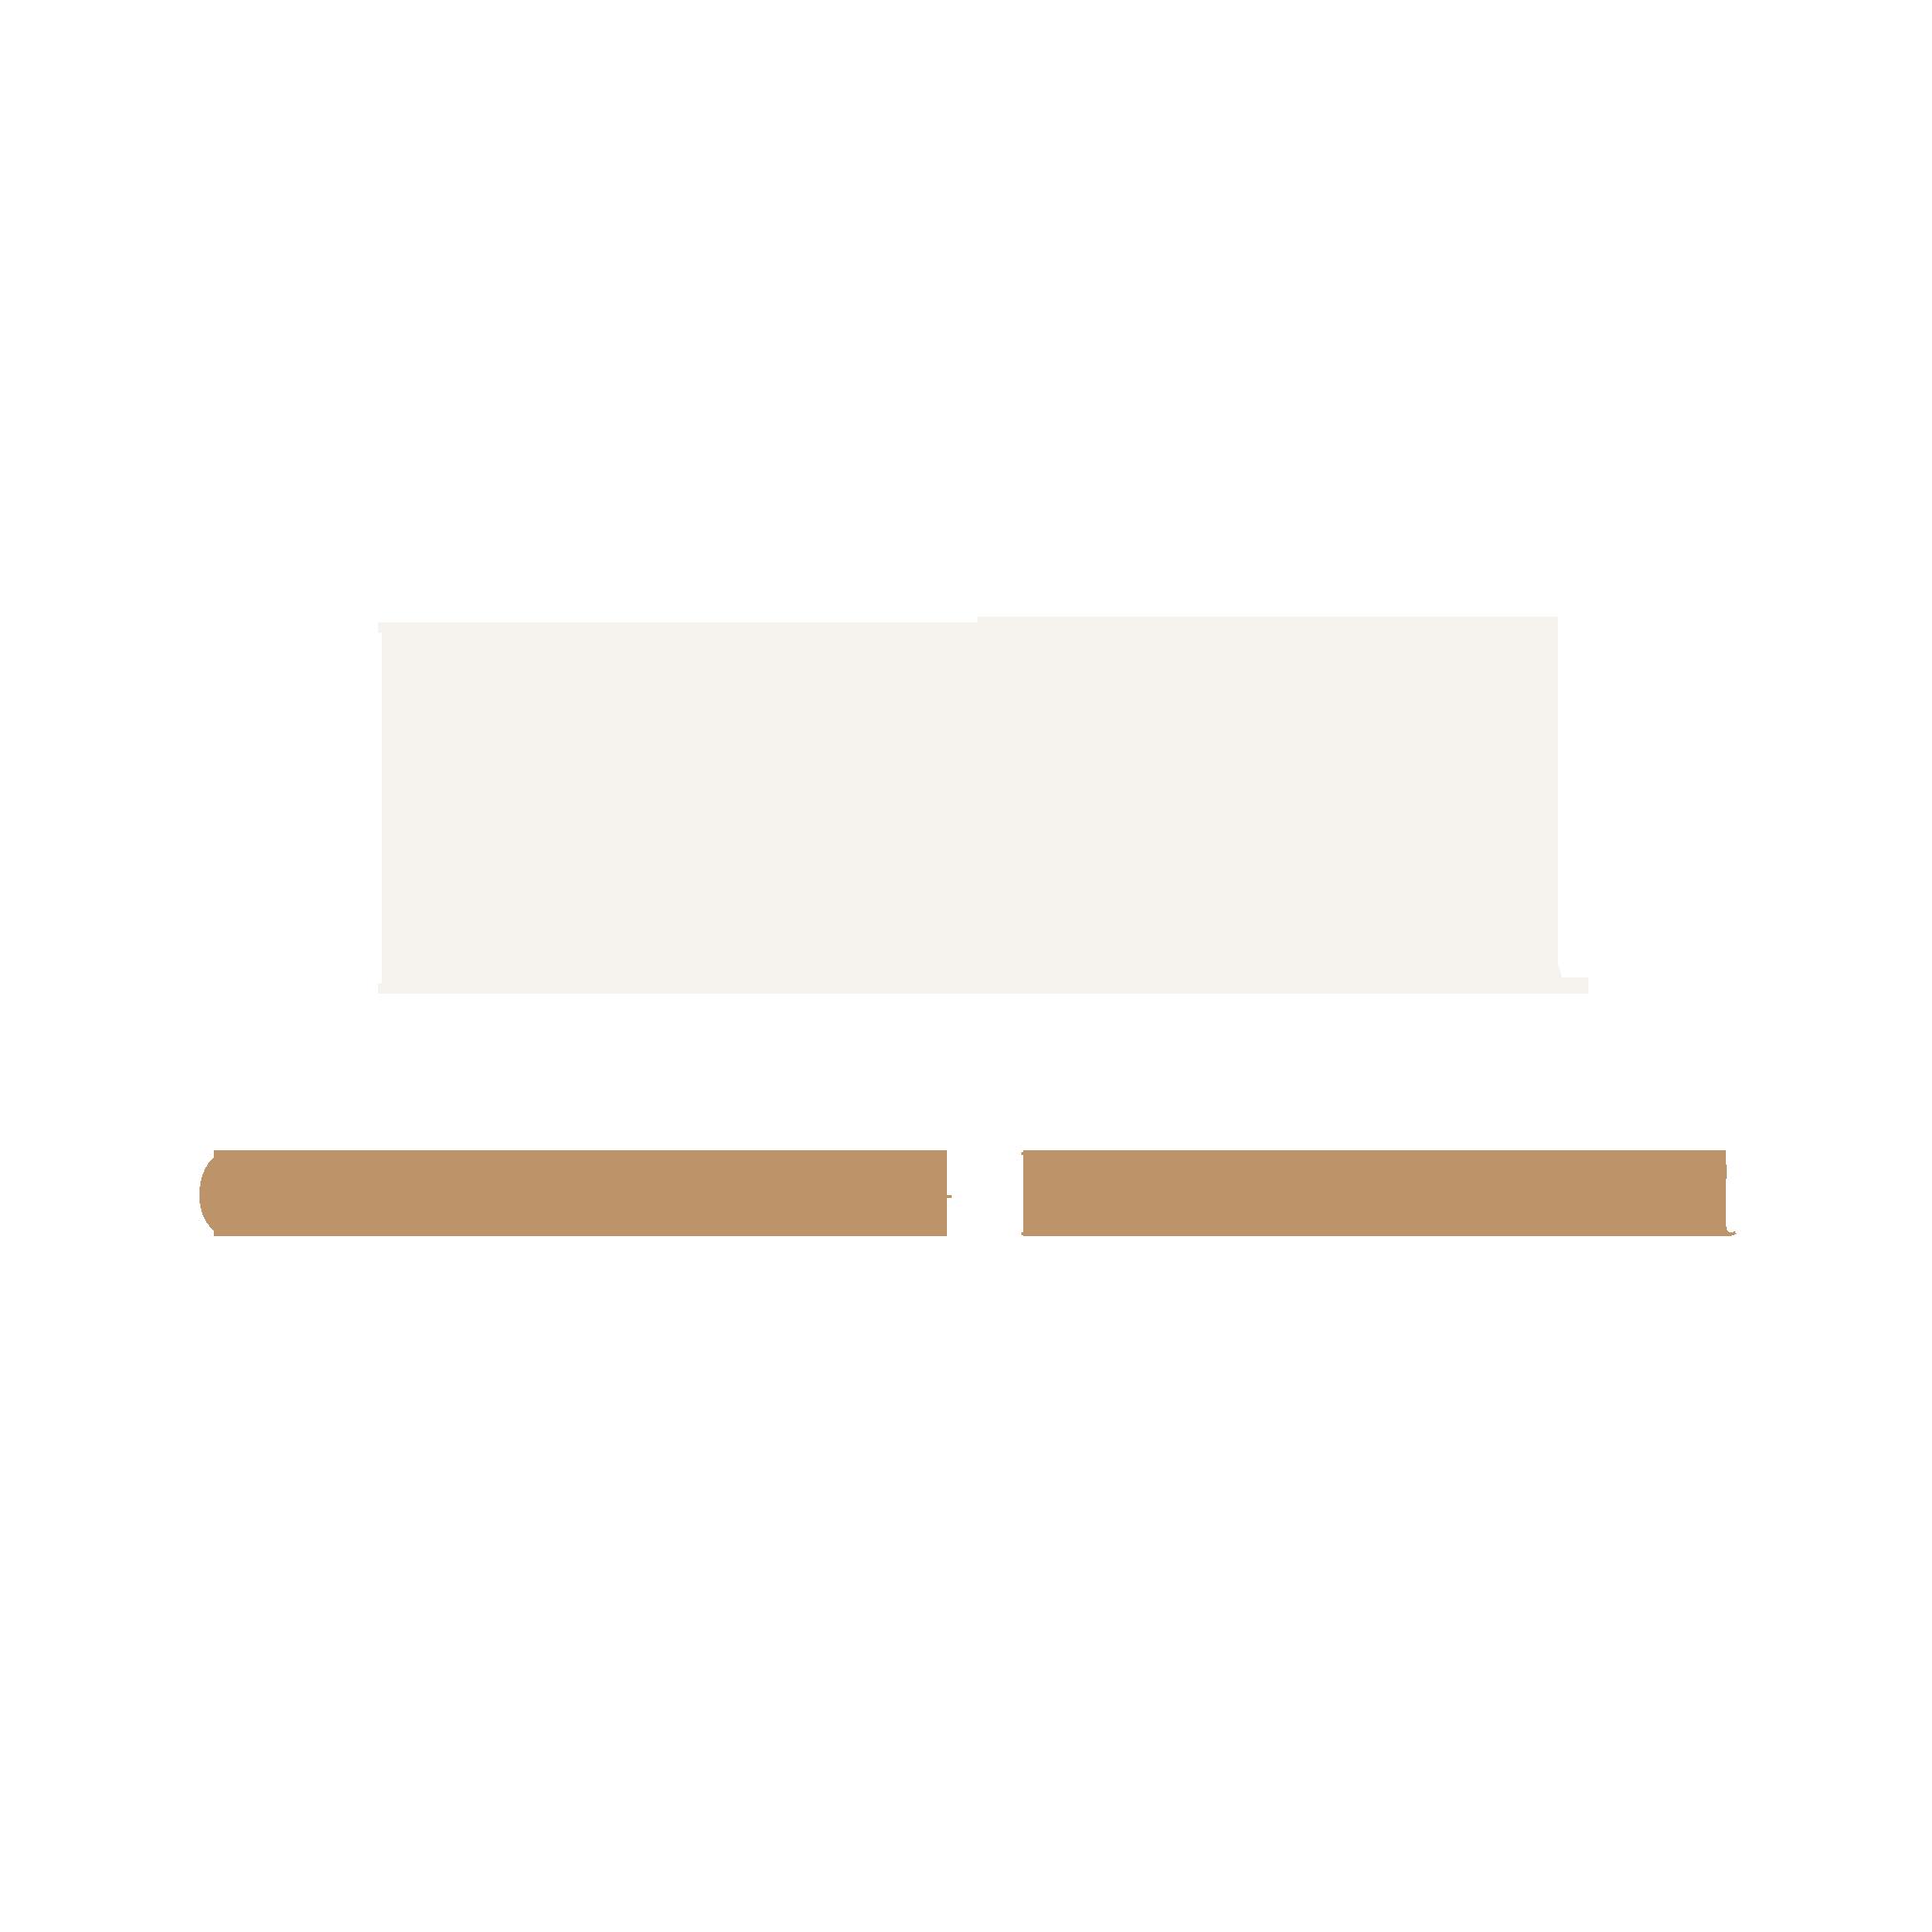 imma 2